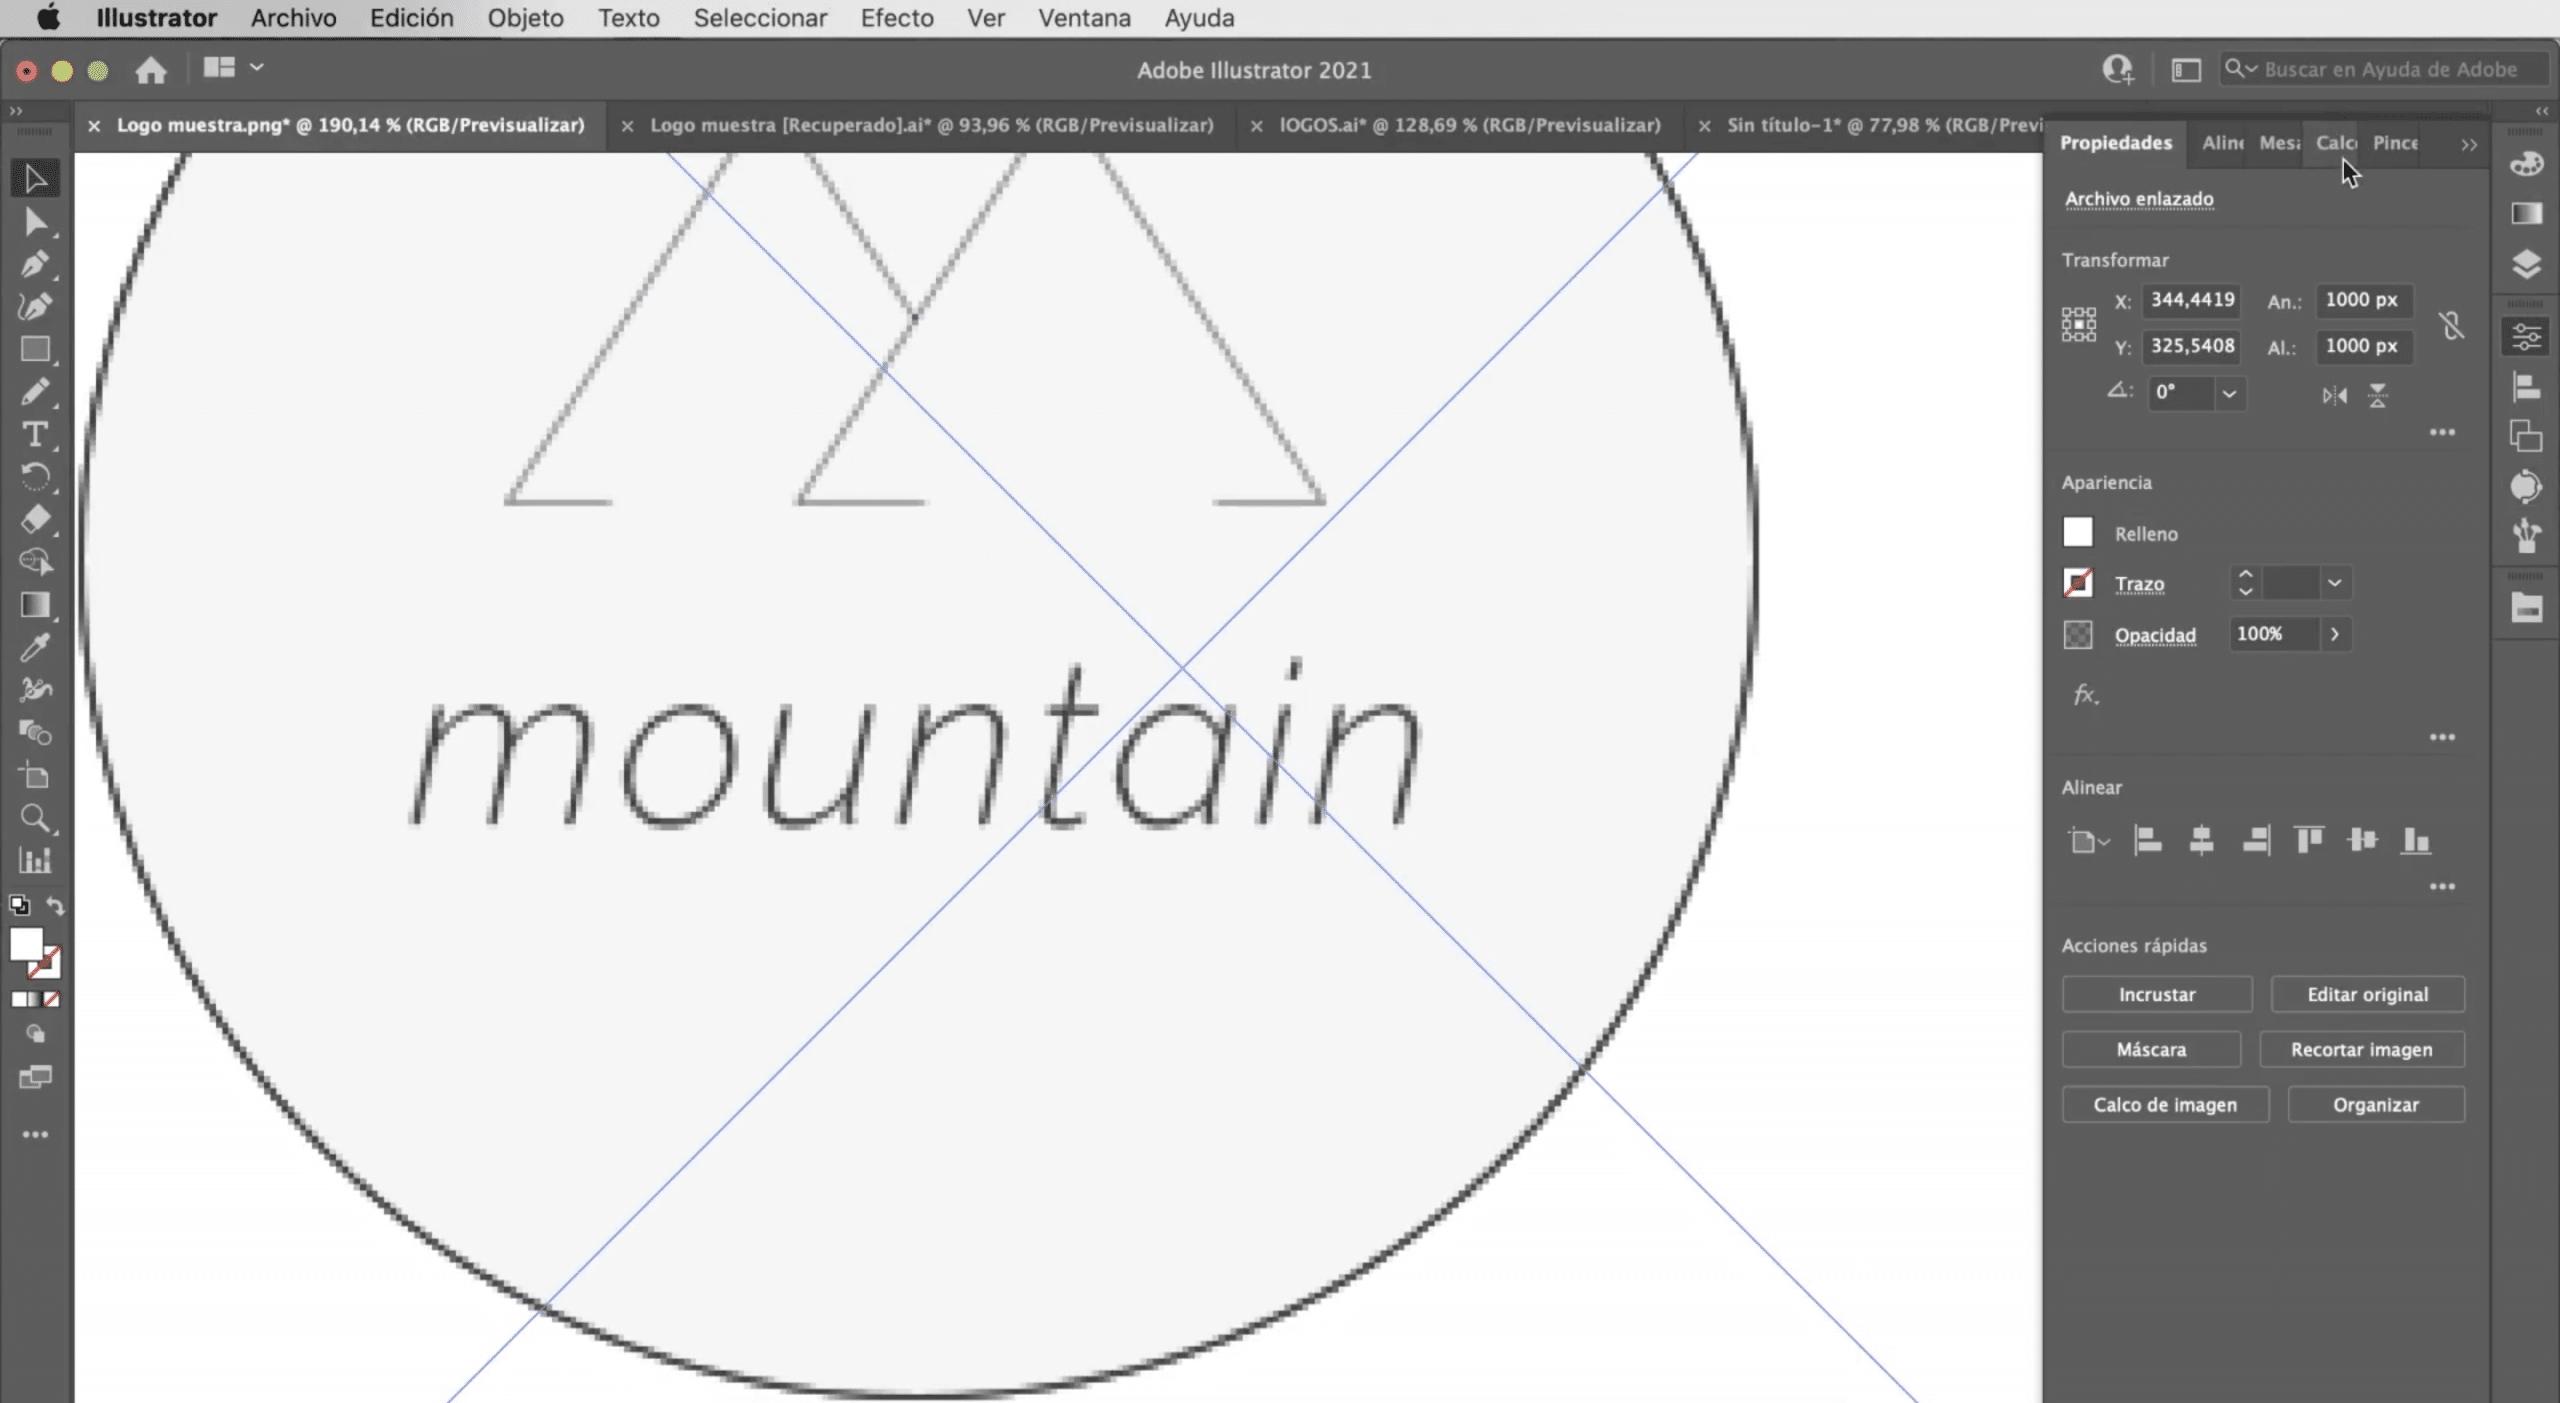 Abre el logotipo pixelado en Illustrator